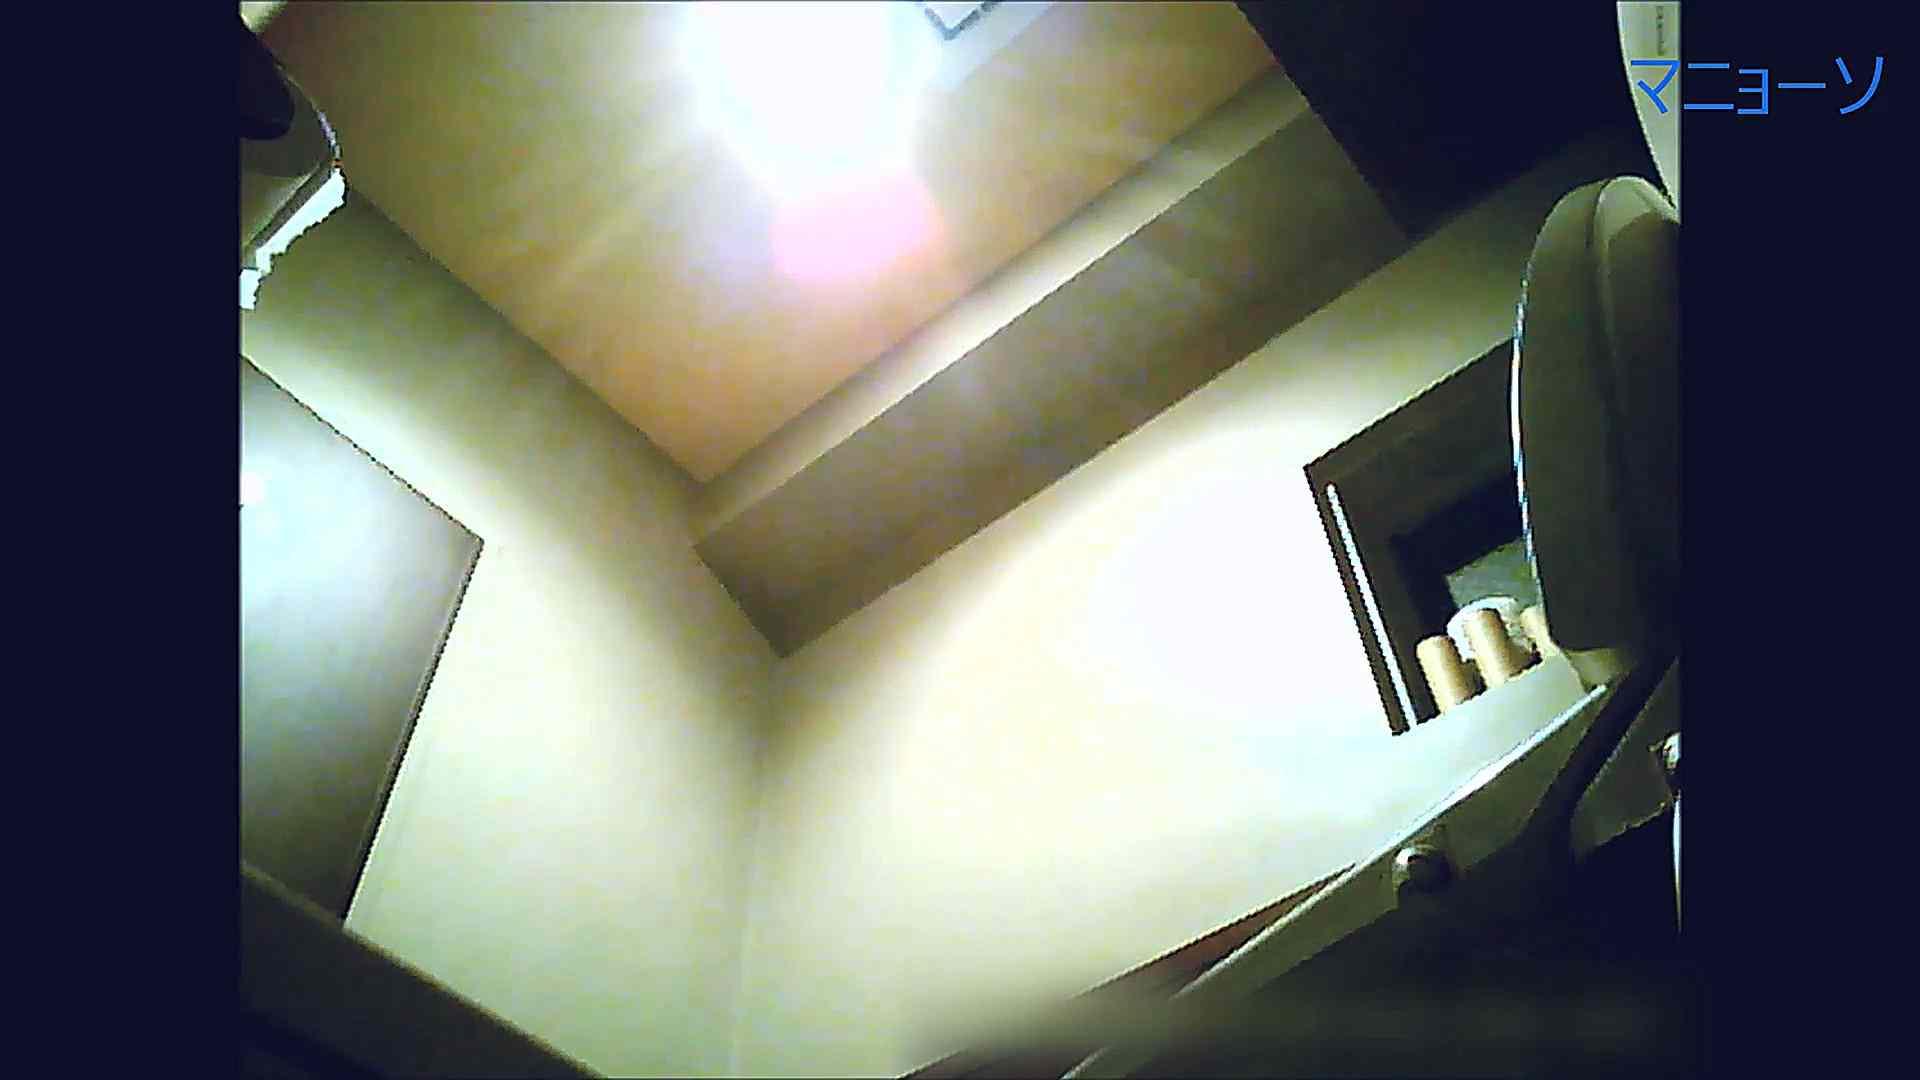 トイレでひと肌脱いでもらいました (OL編)Vol.12 丸見え SEX無修正画像 88画像 20